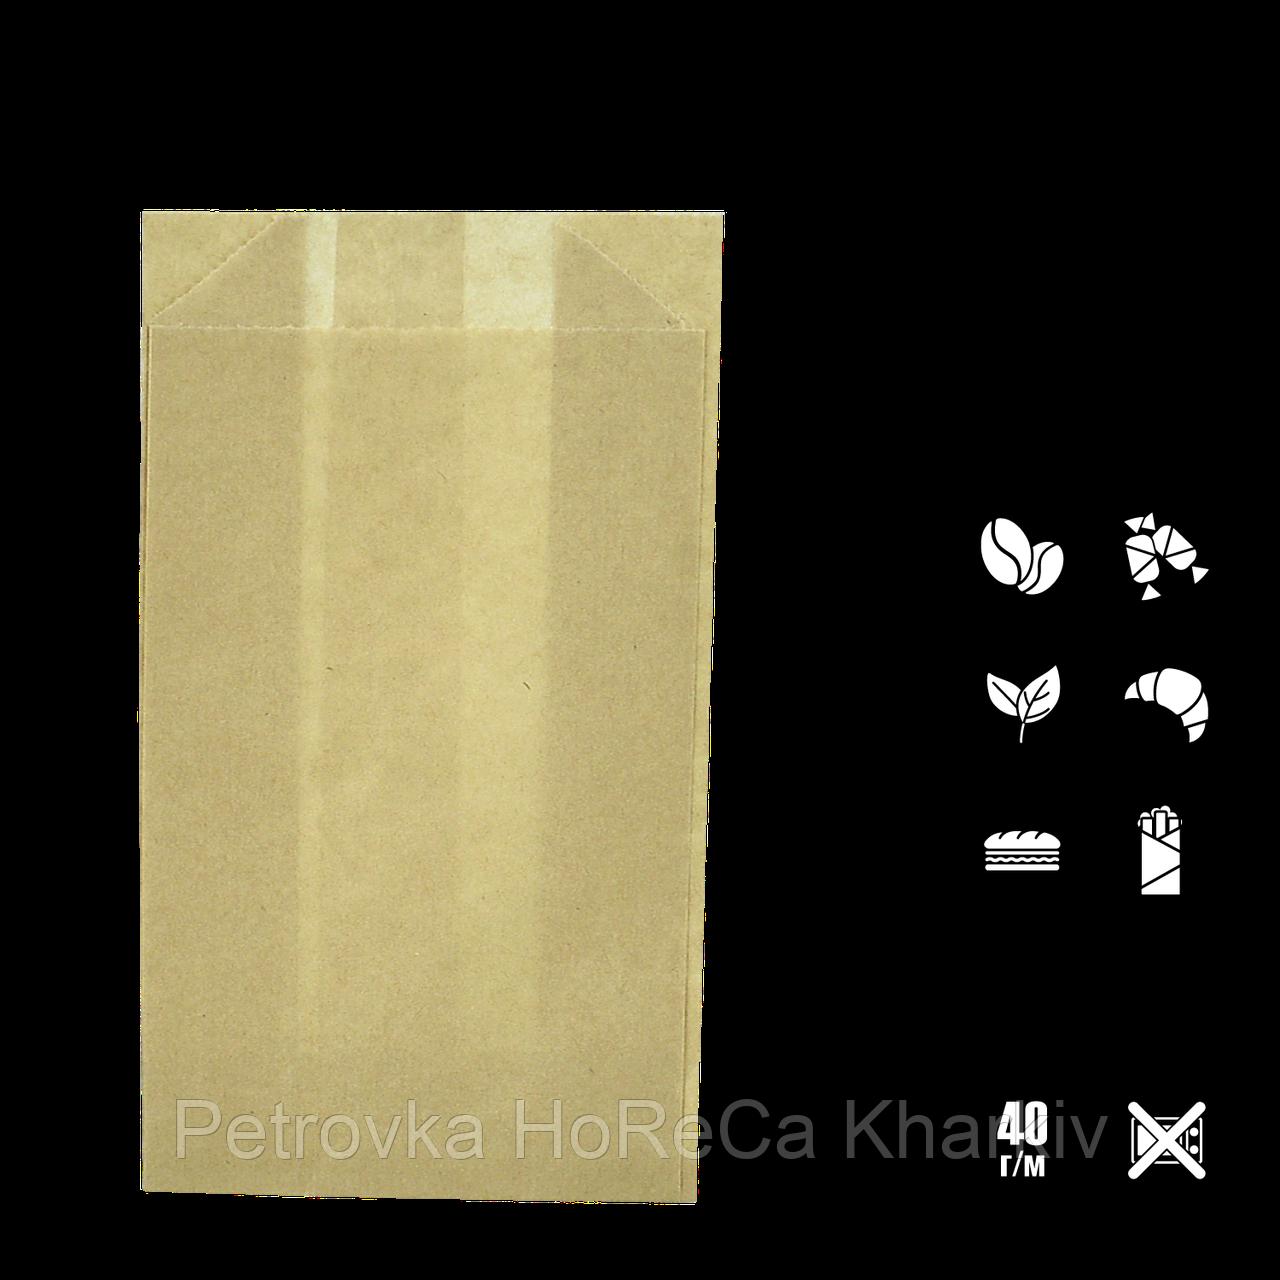 Бумажный пакет без ручек крафтовый 170х100х50мм (ВхШхГ) 40г/м² 100шт (116/612/1196)